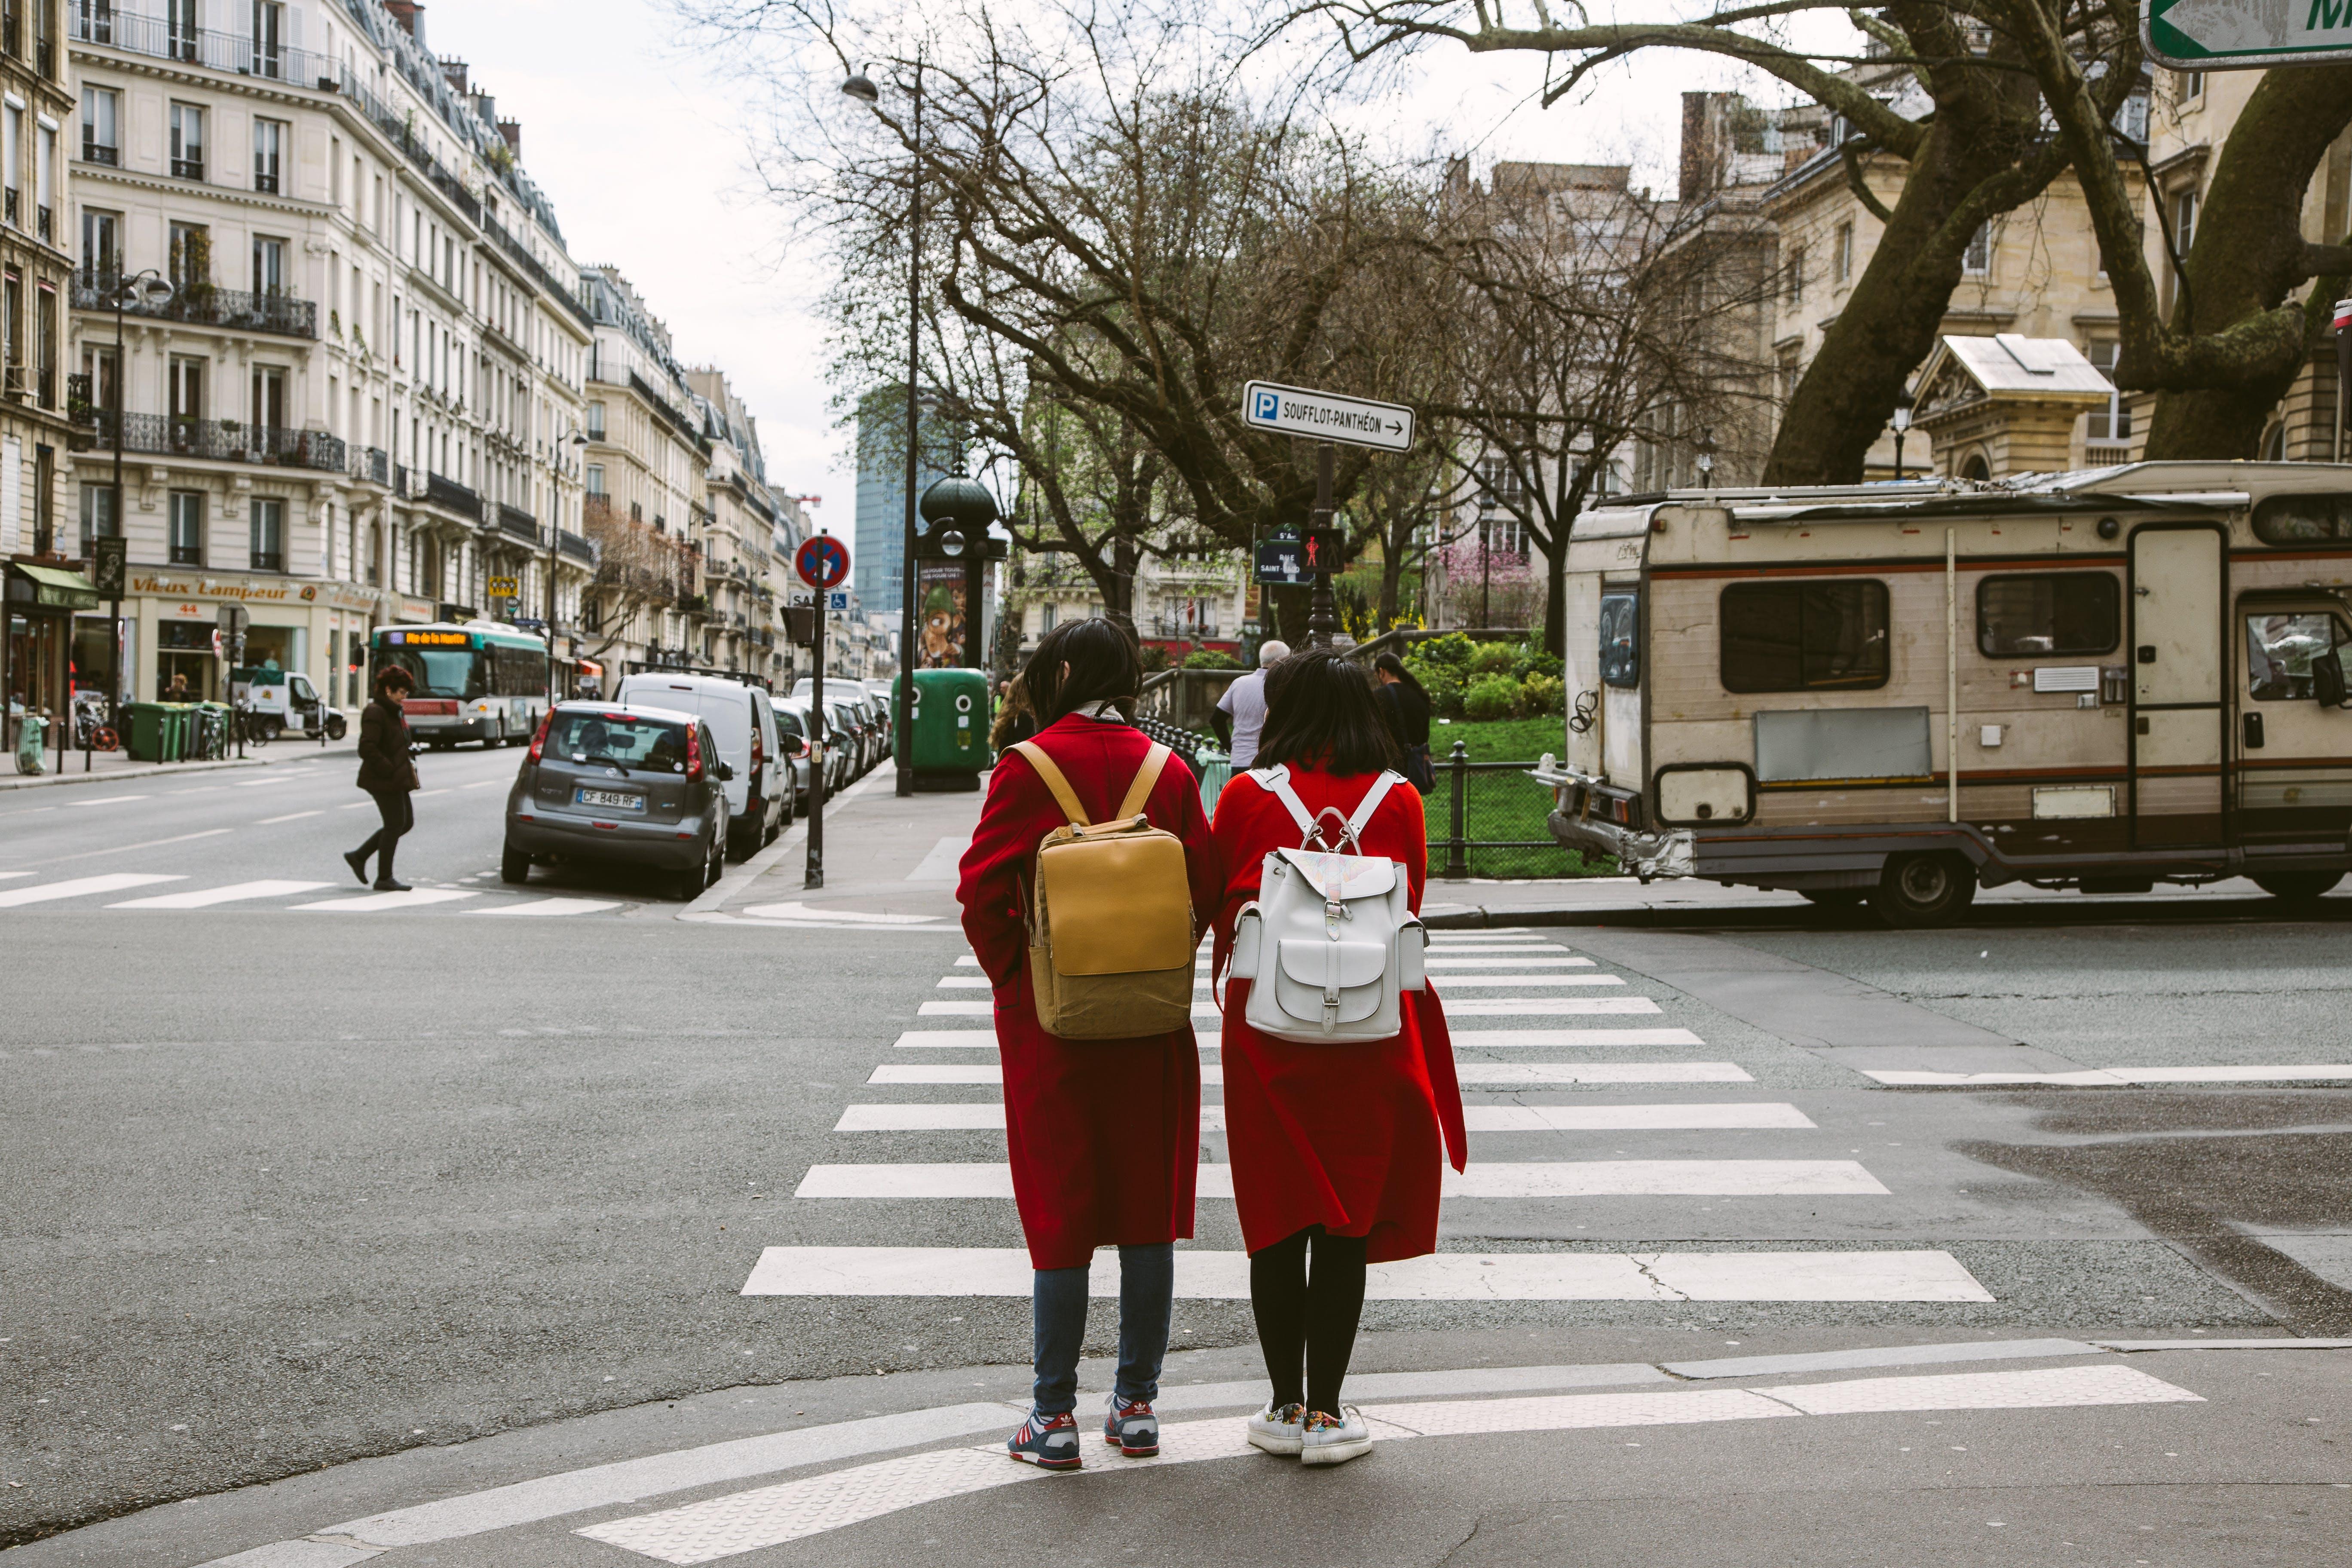 人, 人行道, 城市, 城鎮 的 免费素材照片